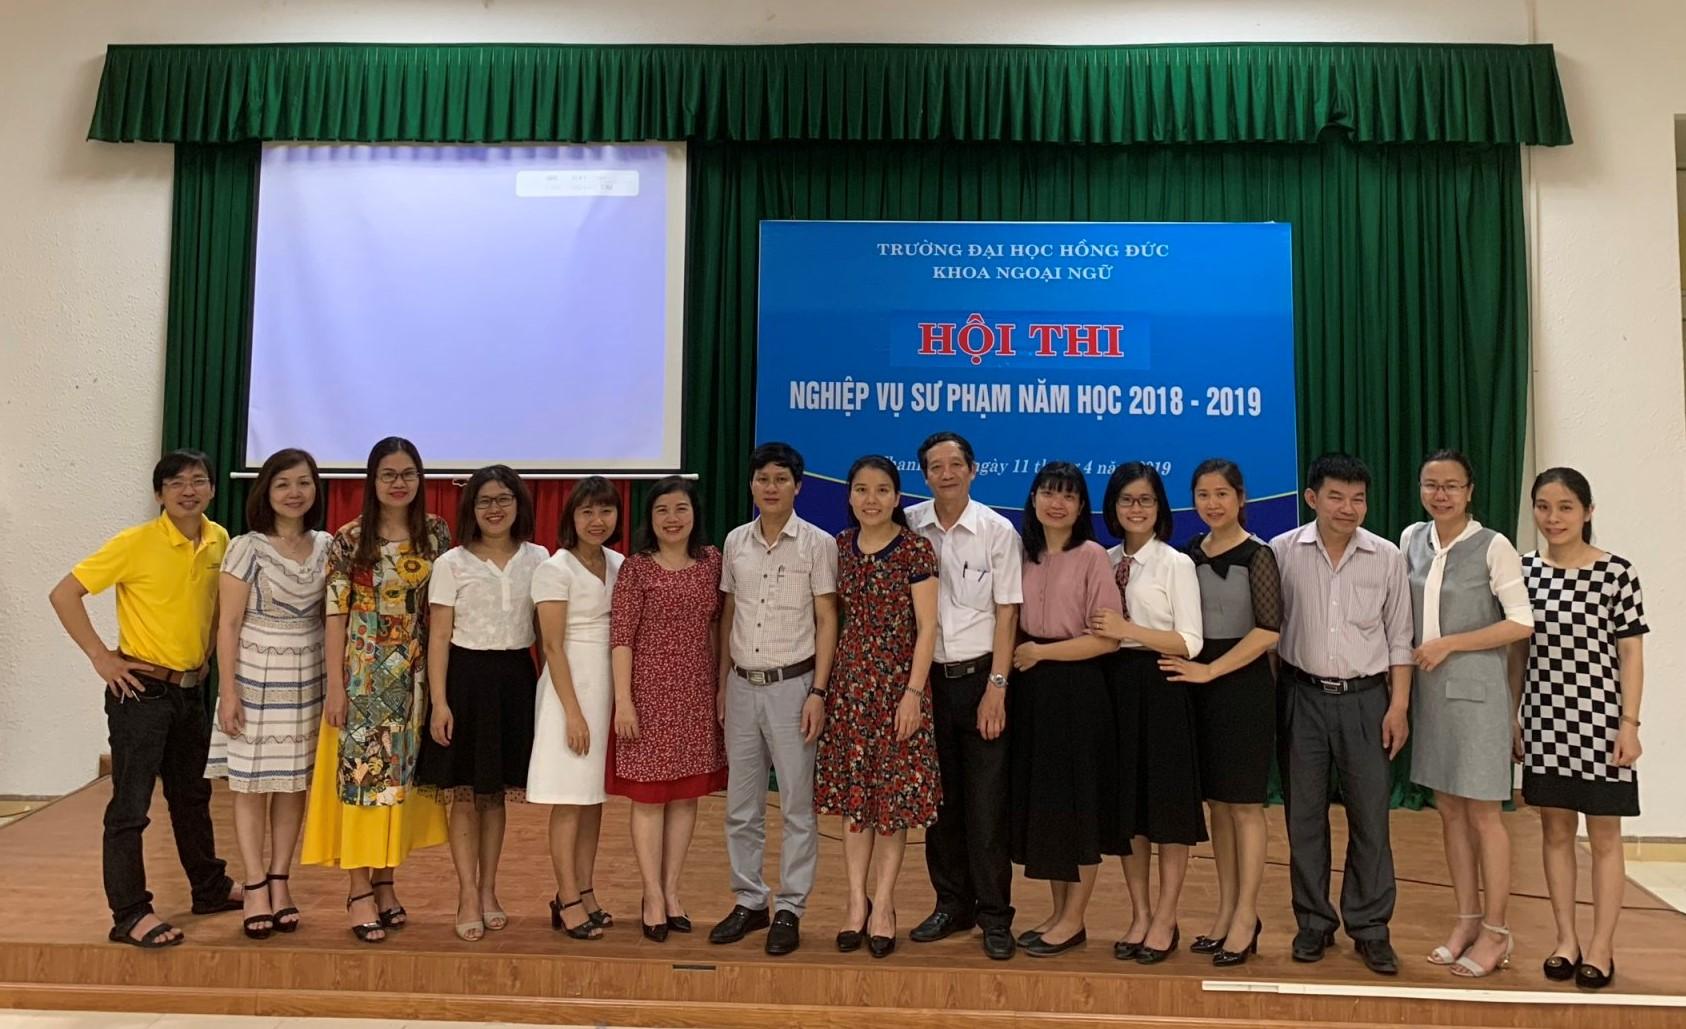 Hội thi Nghiệp vụ sư phạm năm học 2018-2019